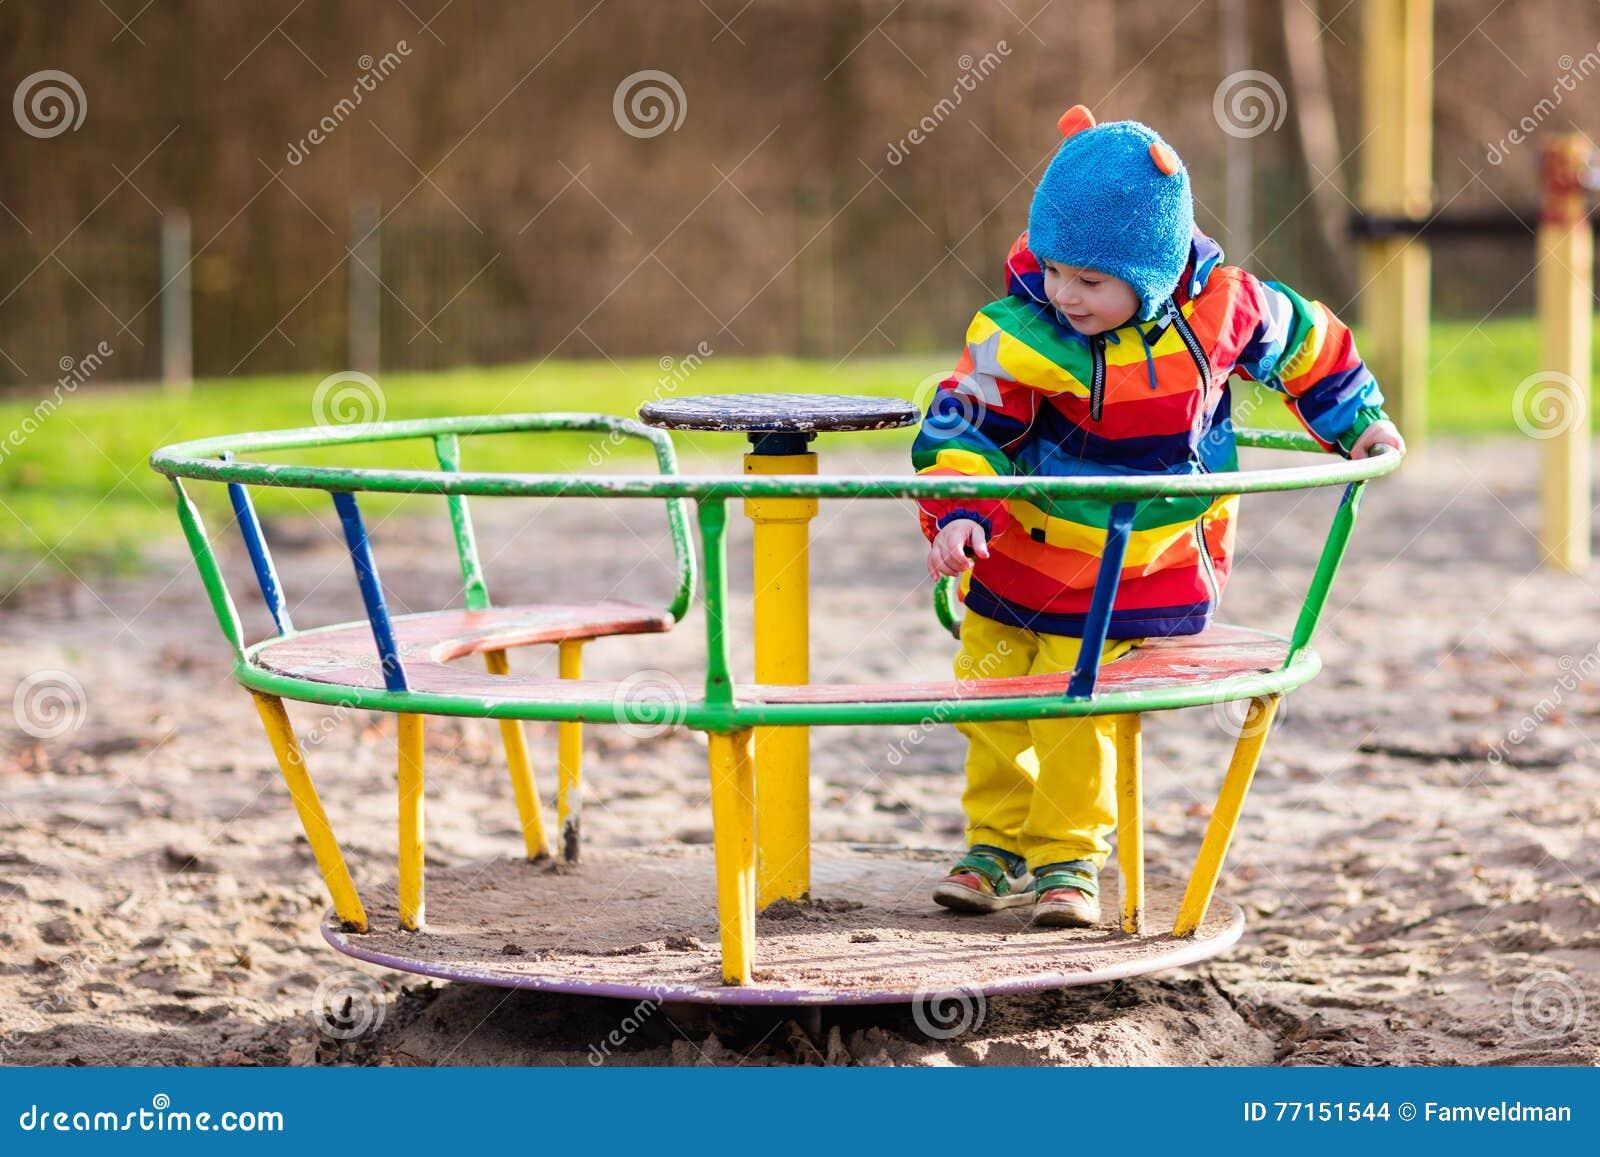 Μικρό παιδί στην παιδική χαρά το φθινόπωρο